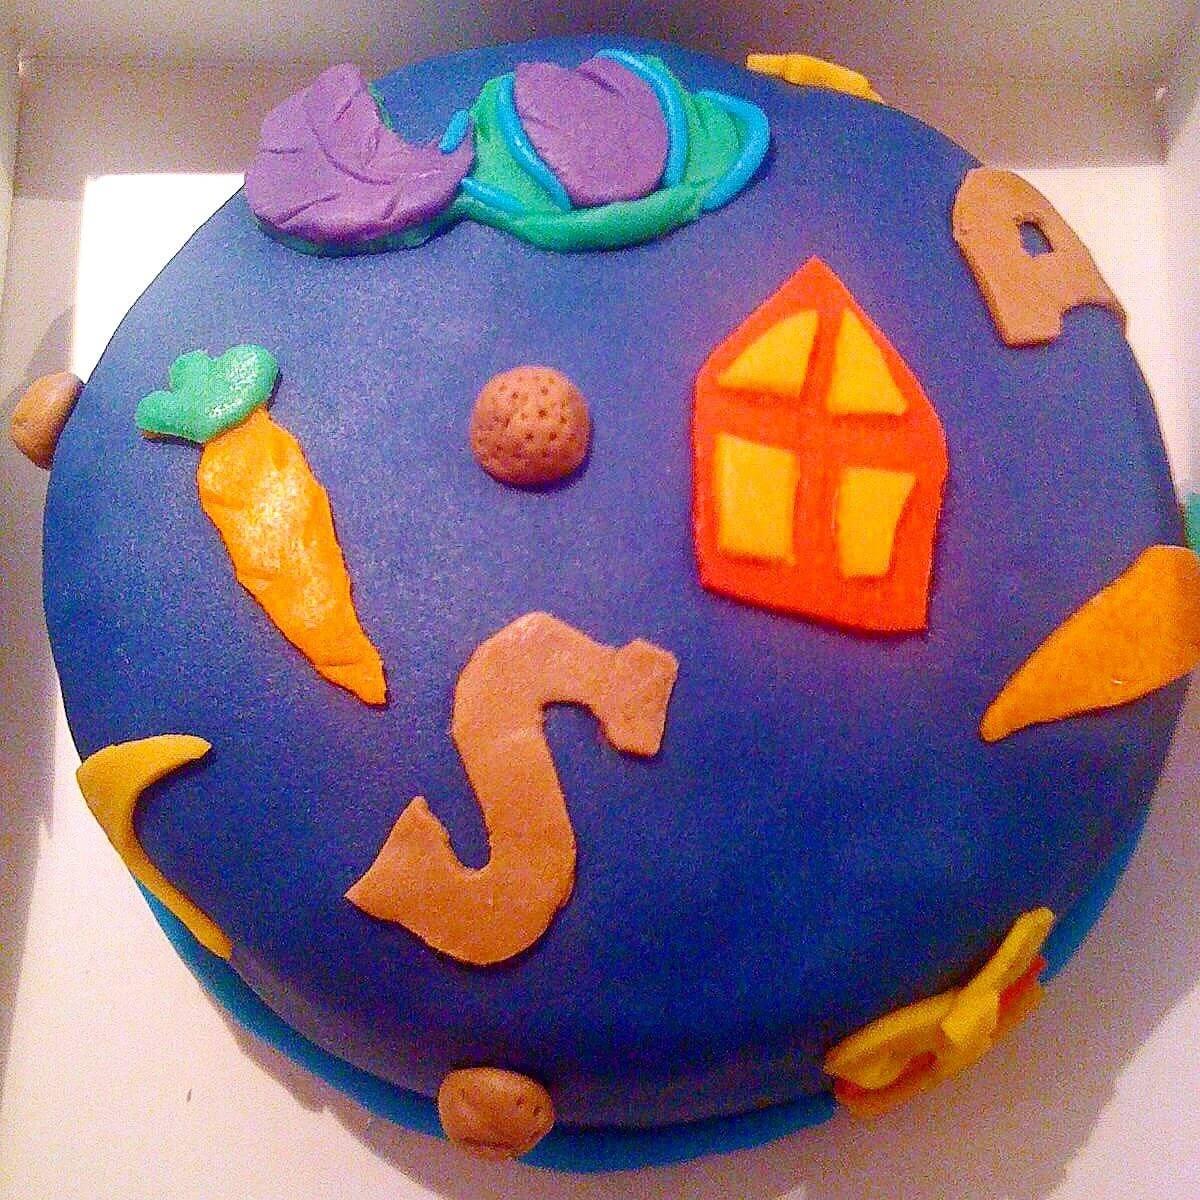 Sint decoratie: Sinterklaas taart met mijter, wortels, pietenmuts en chocoladeletters